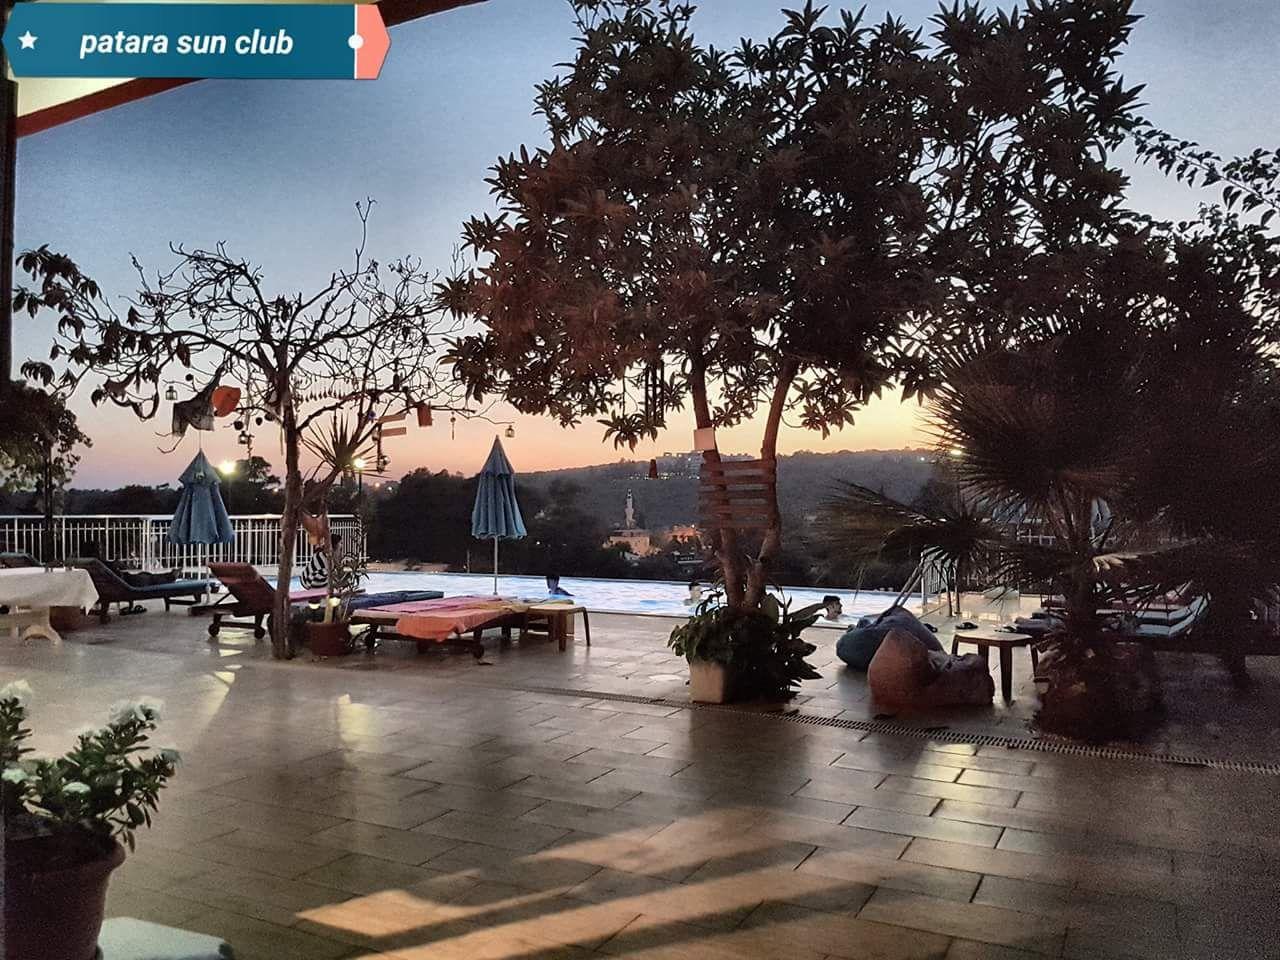 Patara Sun Club